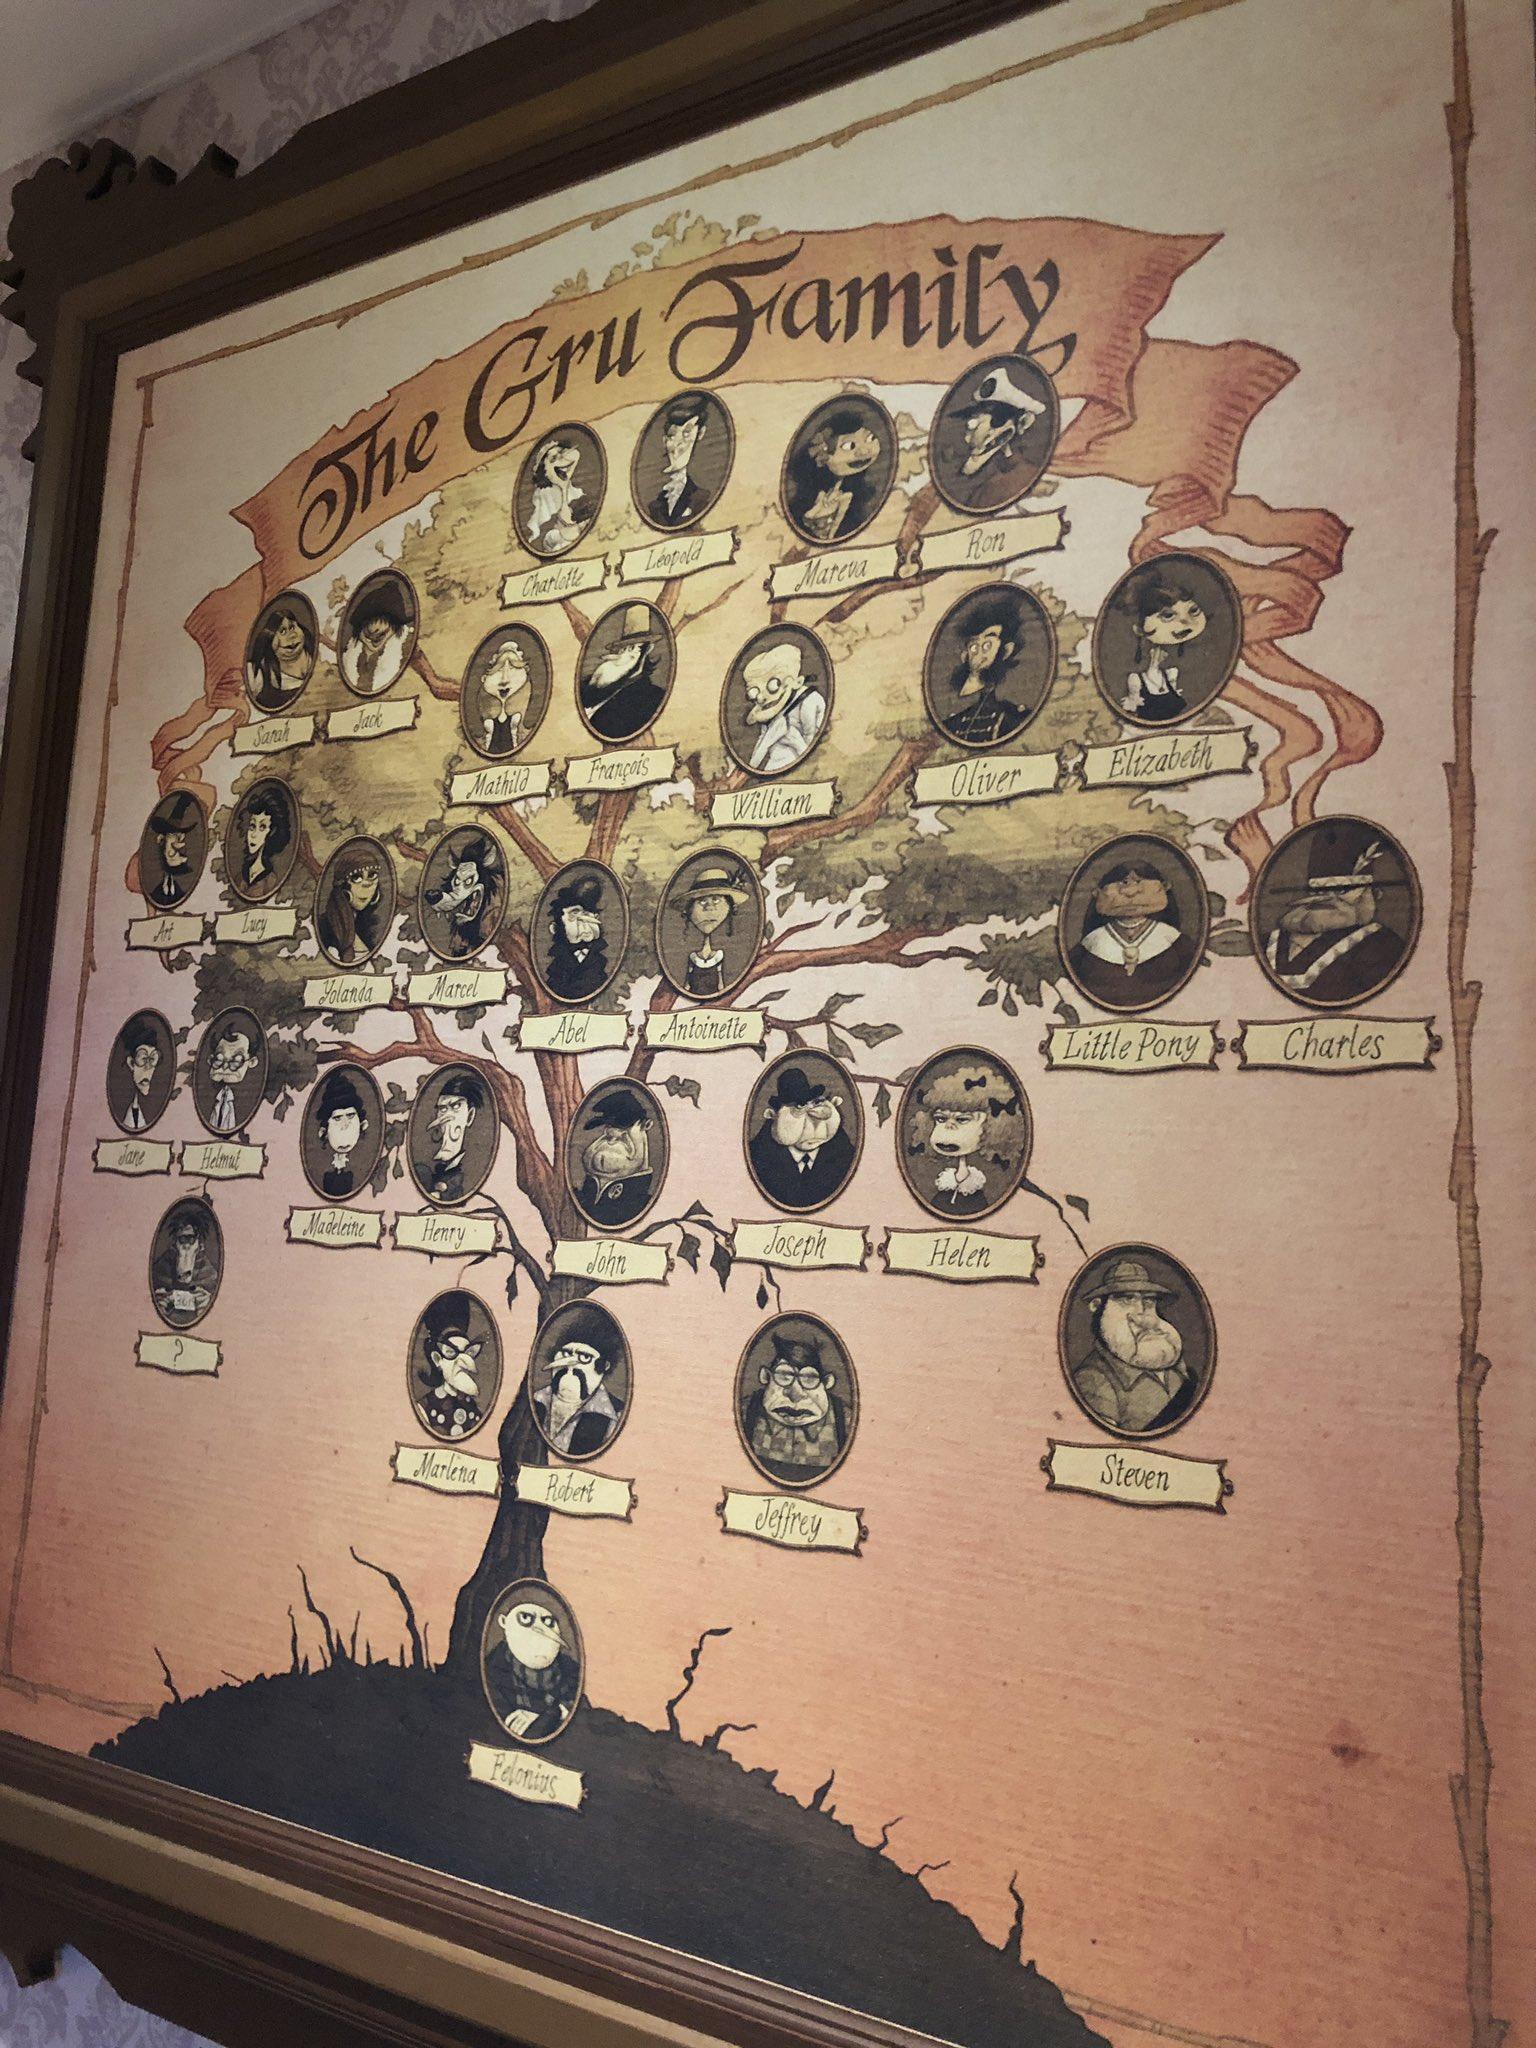 The Gru Family https://t.co/ukEnqVFHv1